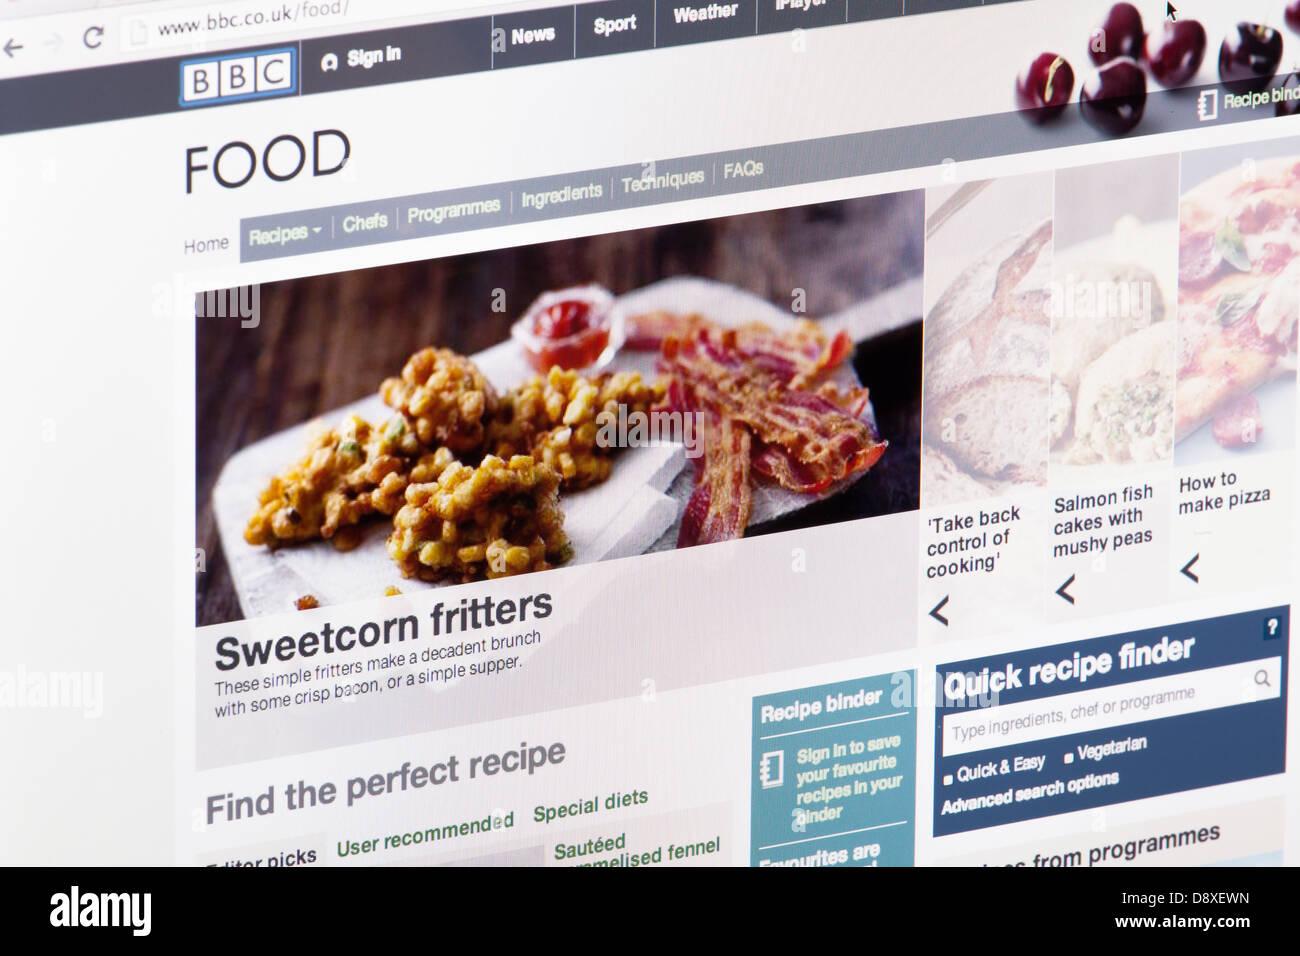 BBC Online-Nahrungsmittelrezepte Website oder Web-Seite auf einem Laptop-Bildschirm oder Computer-monitor Stockbild